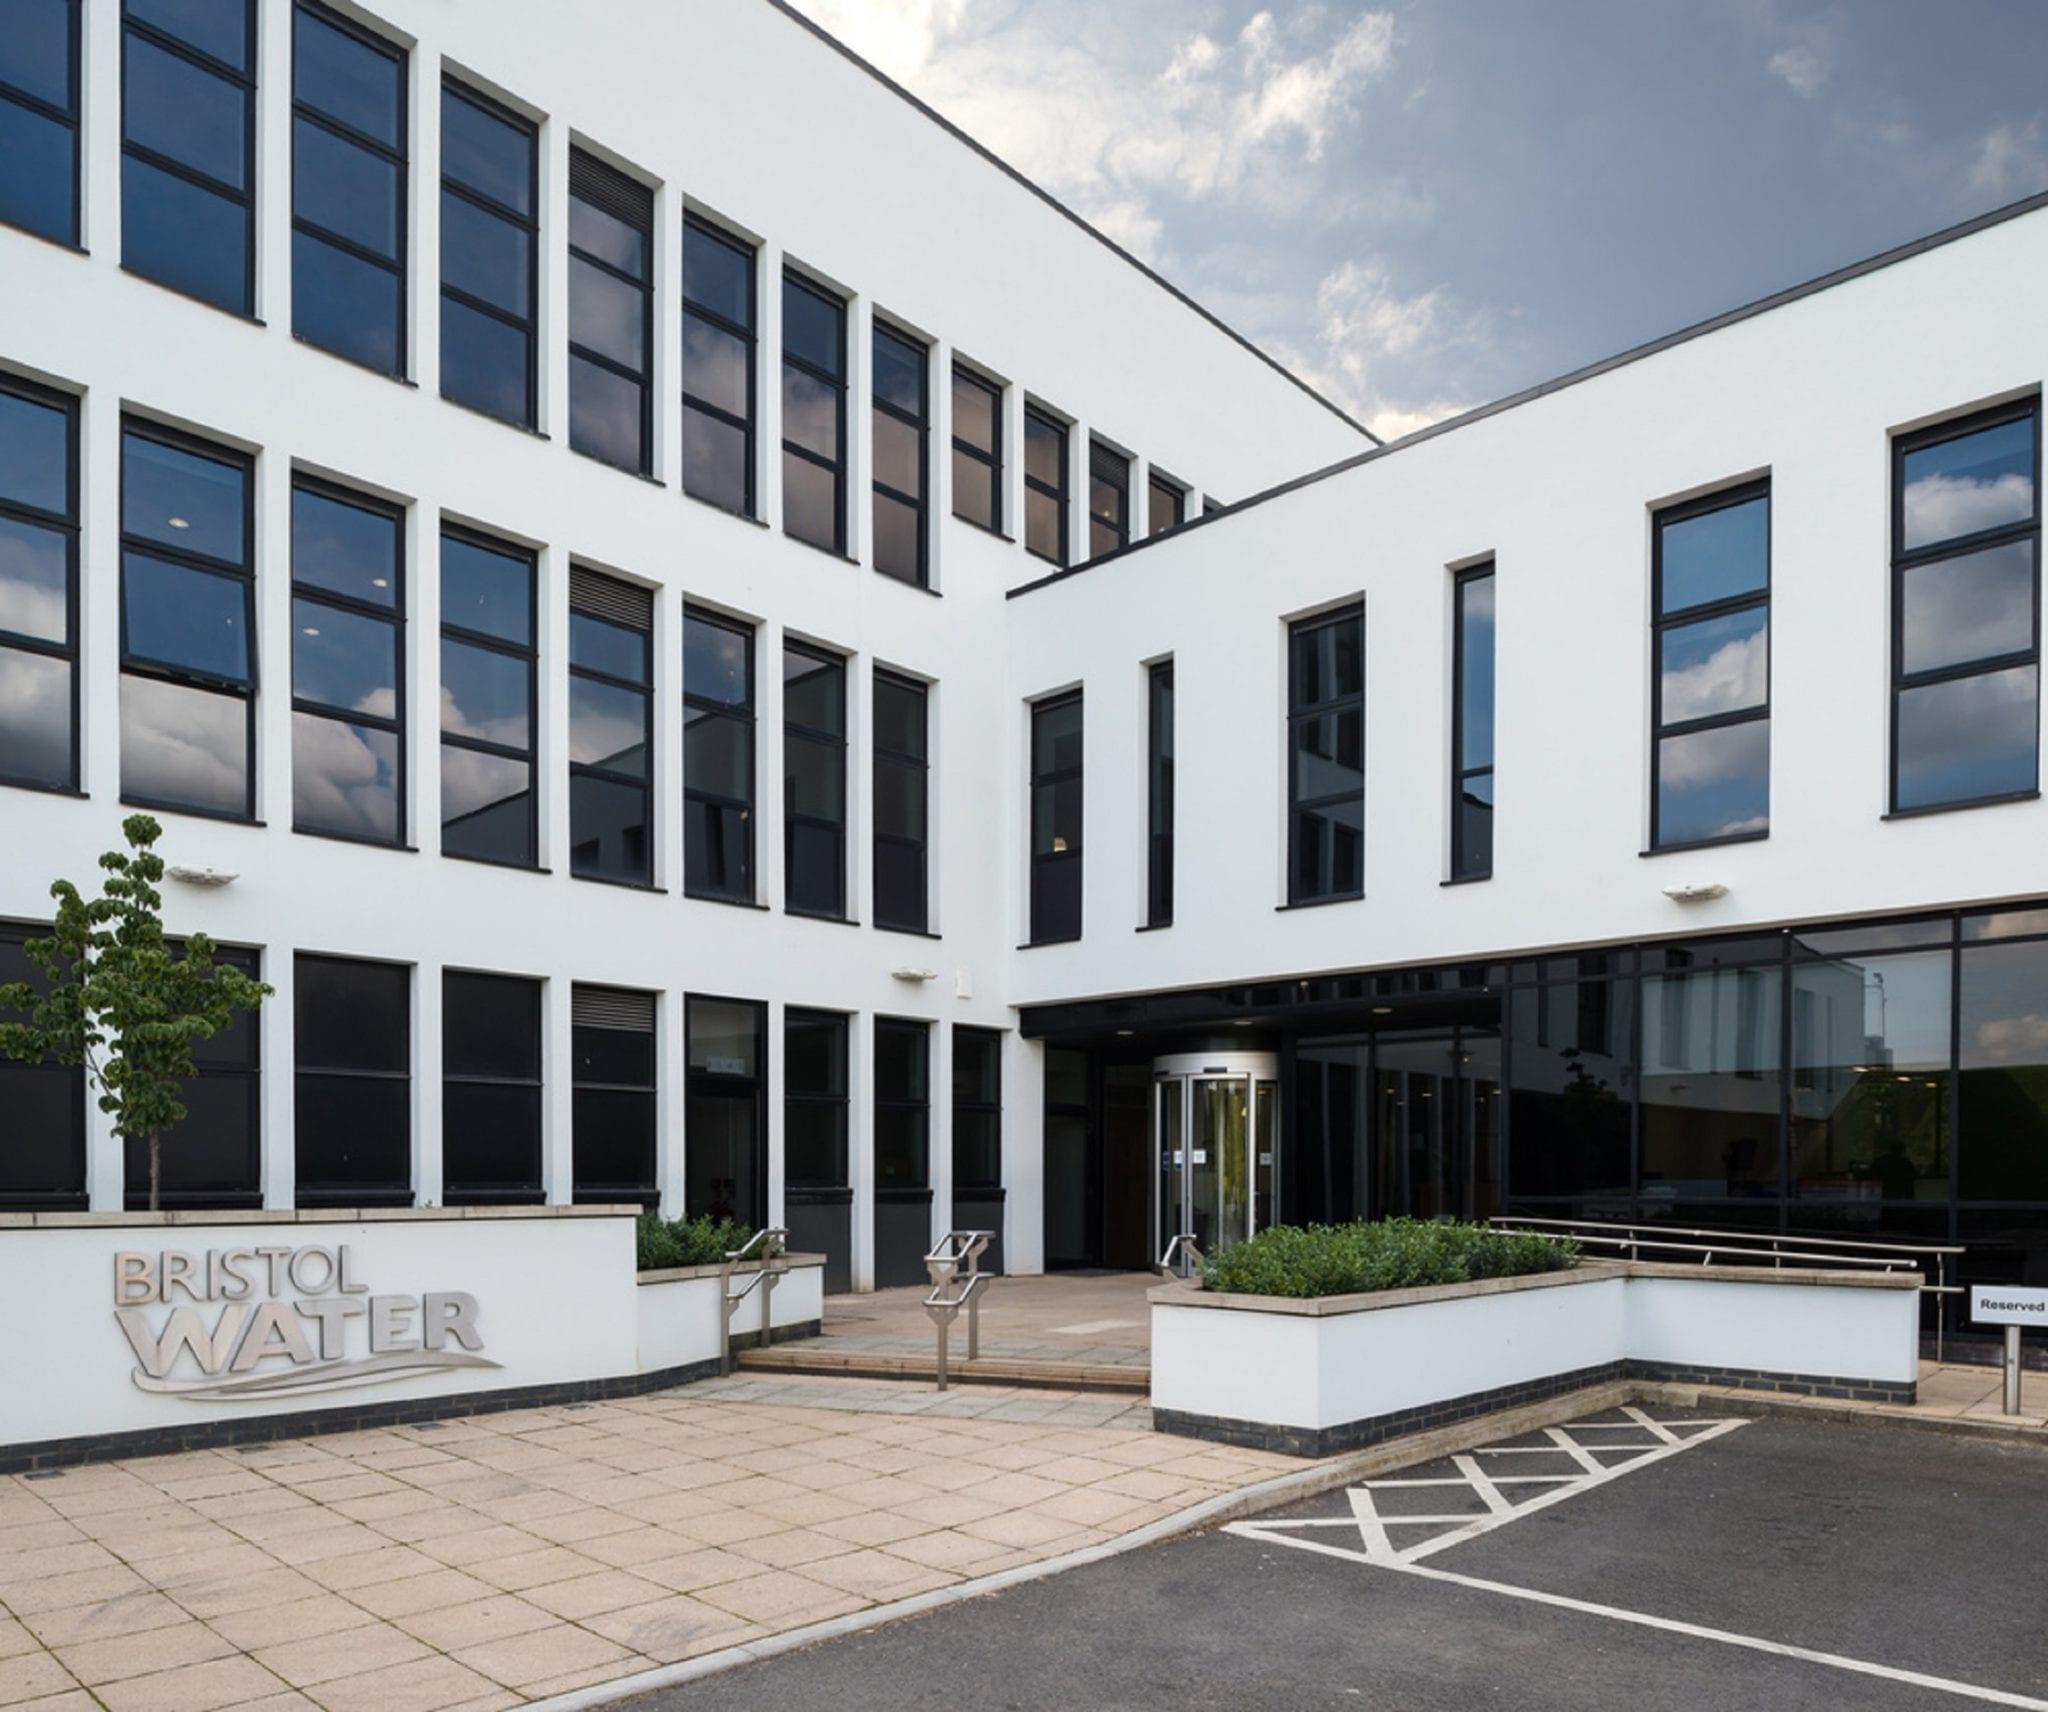 Bristol Water Office